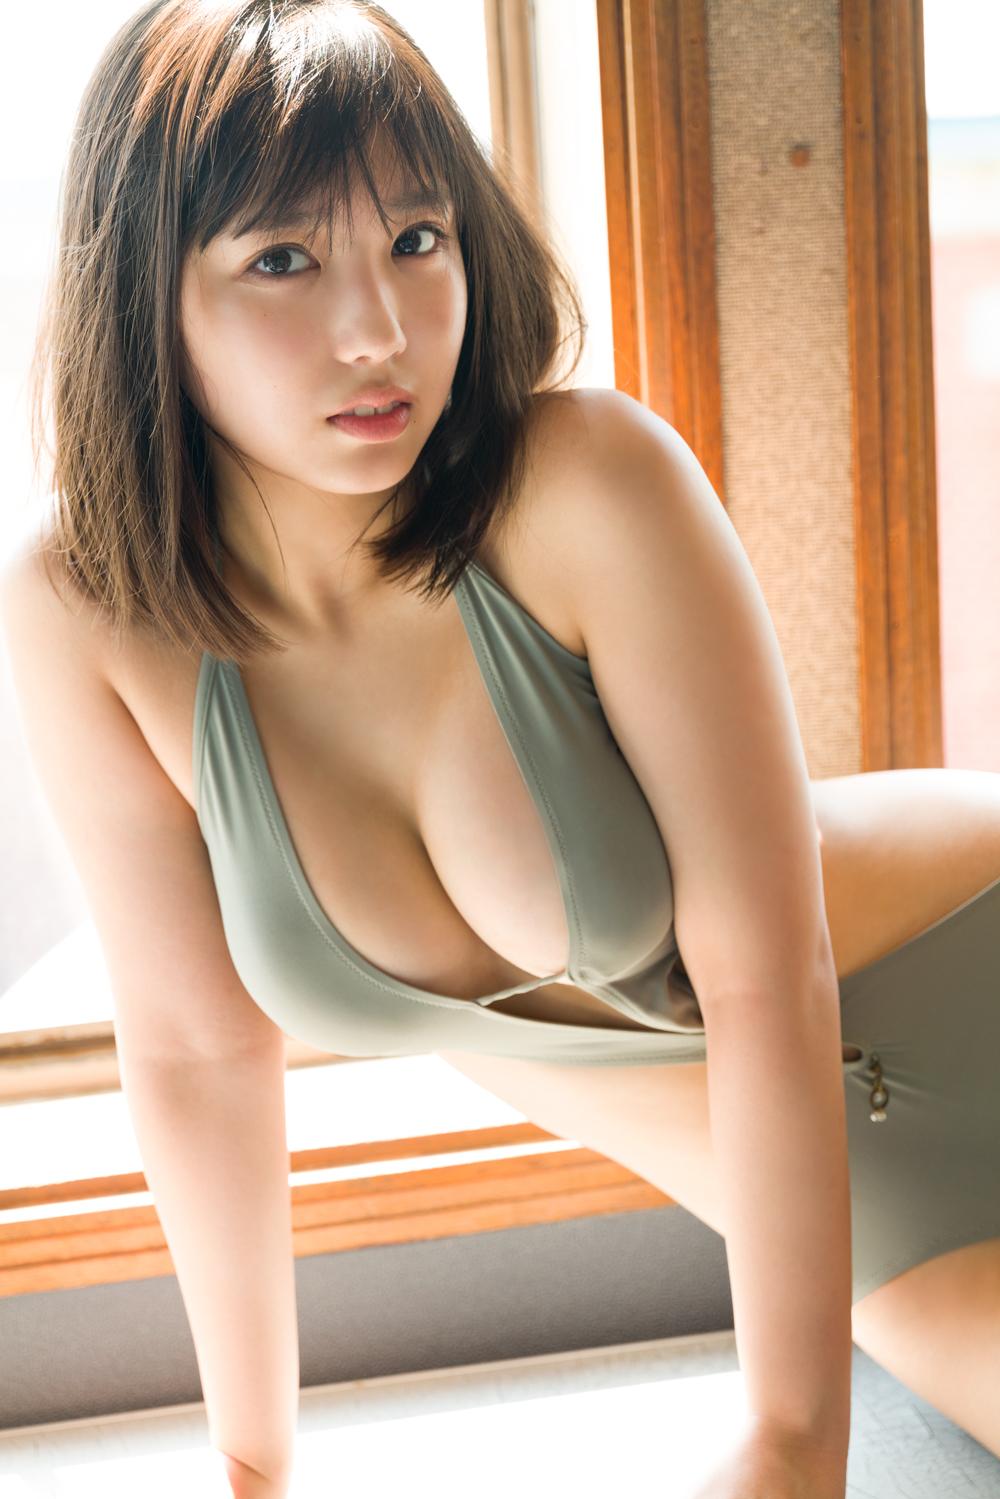 2冊目の写真集「背伸び」を発売する沢口愛華